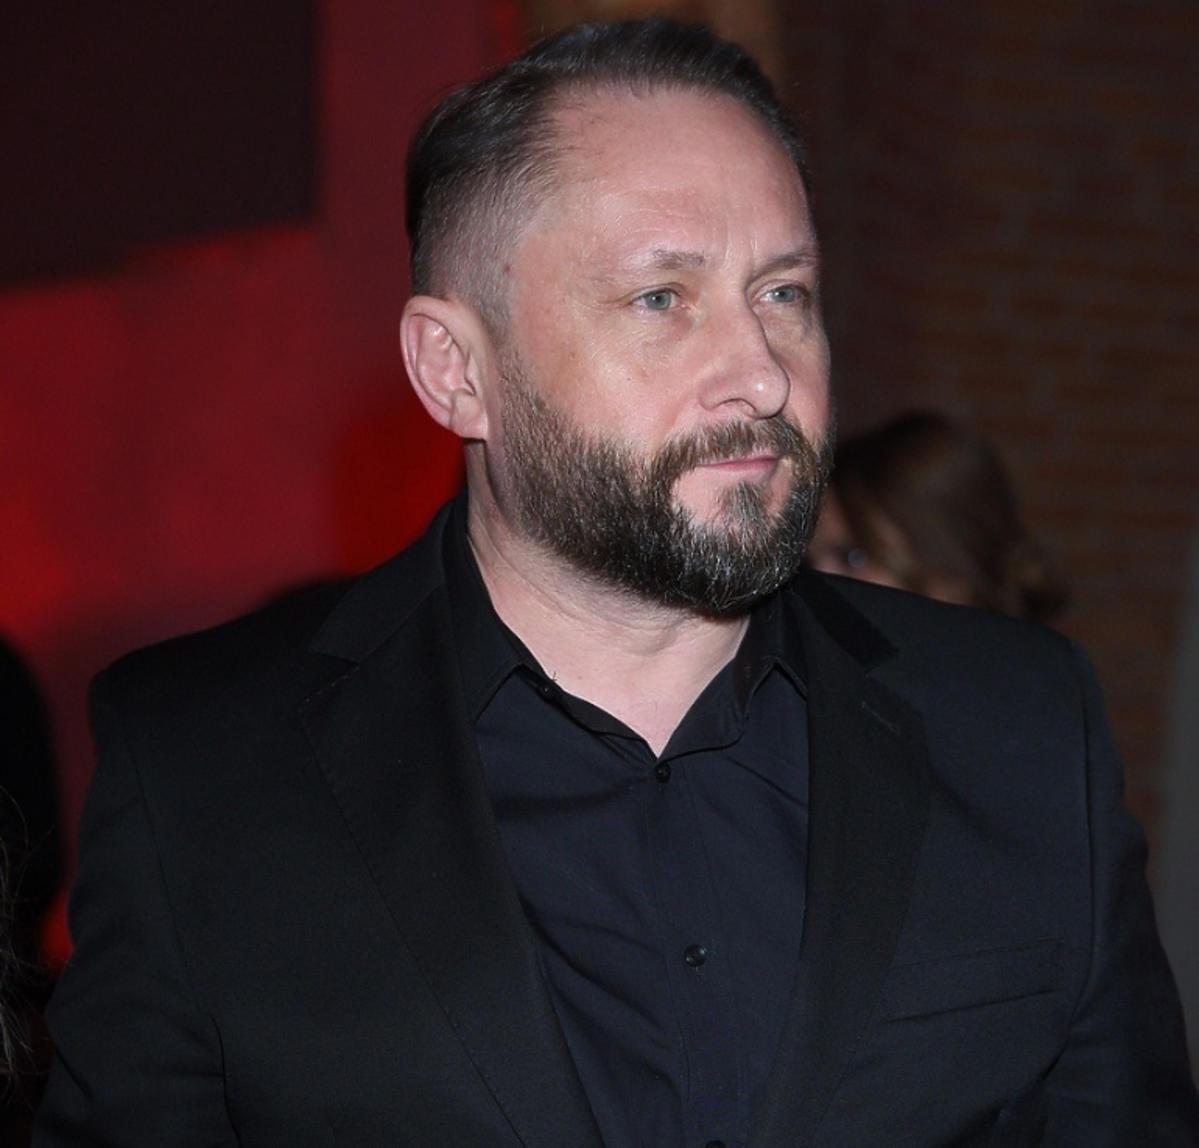 Kamil Durczok spowodował wypadek pod wpływem alkoholu